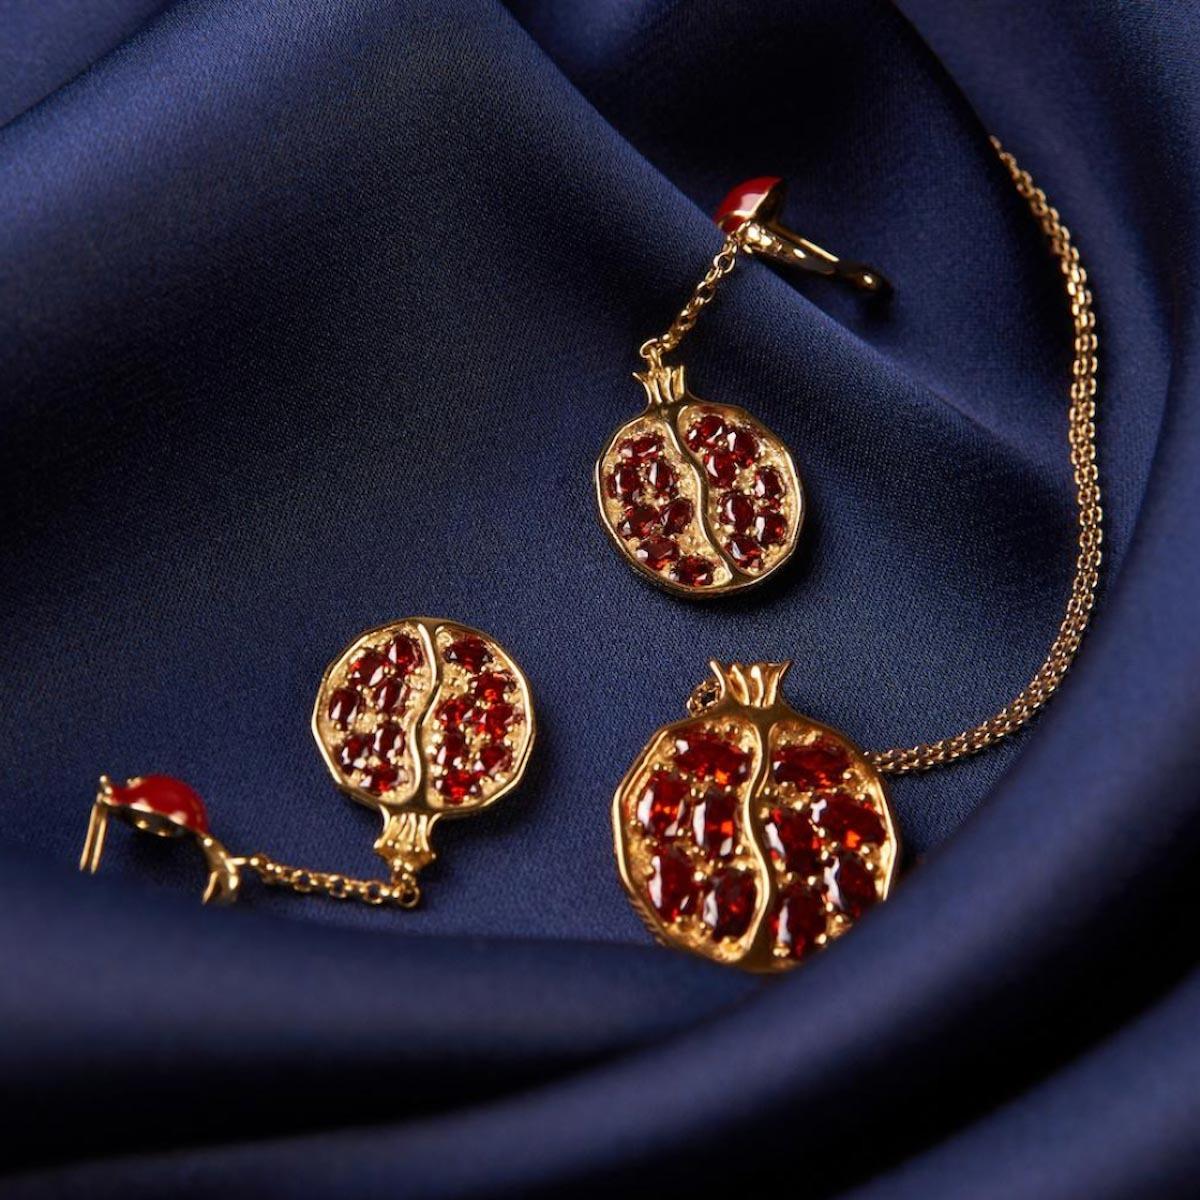 7月誕生石紅寶石象徵烈焰般的意志,能保護主人免於災難